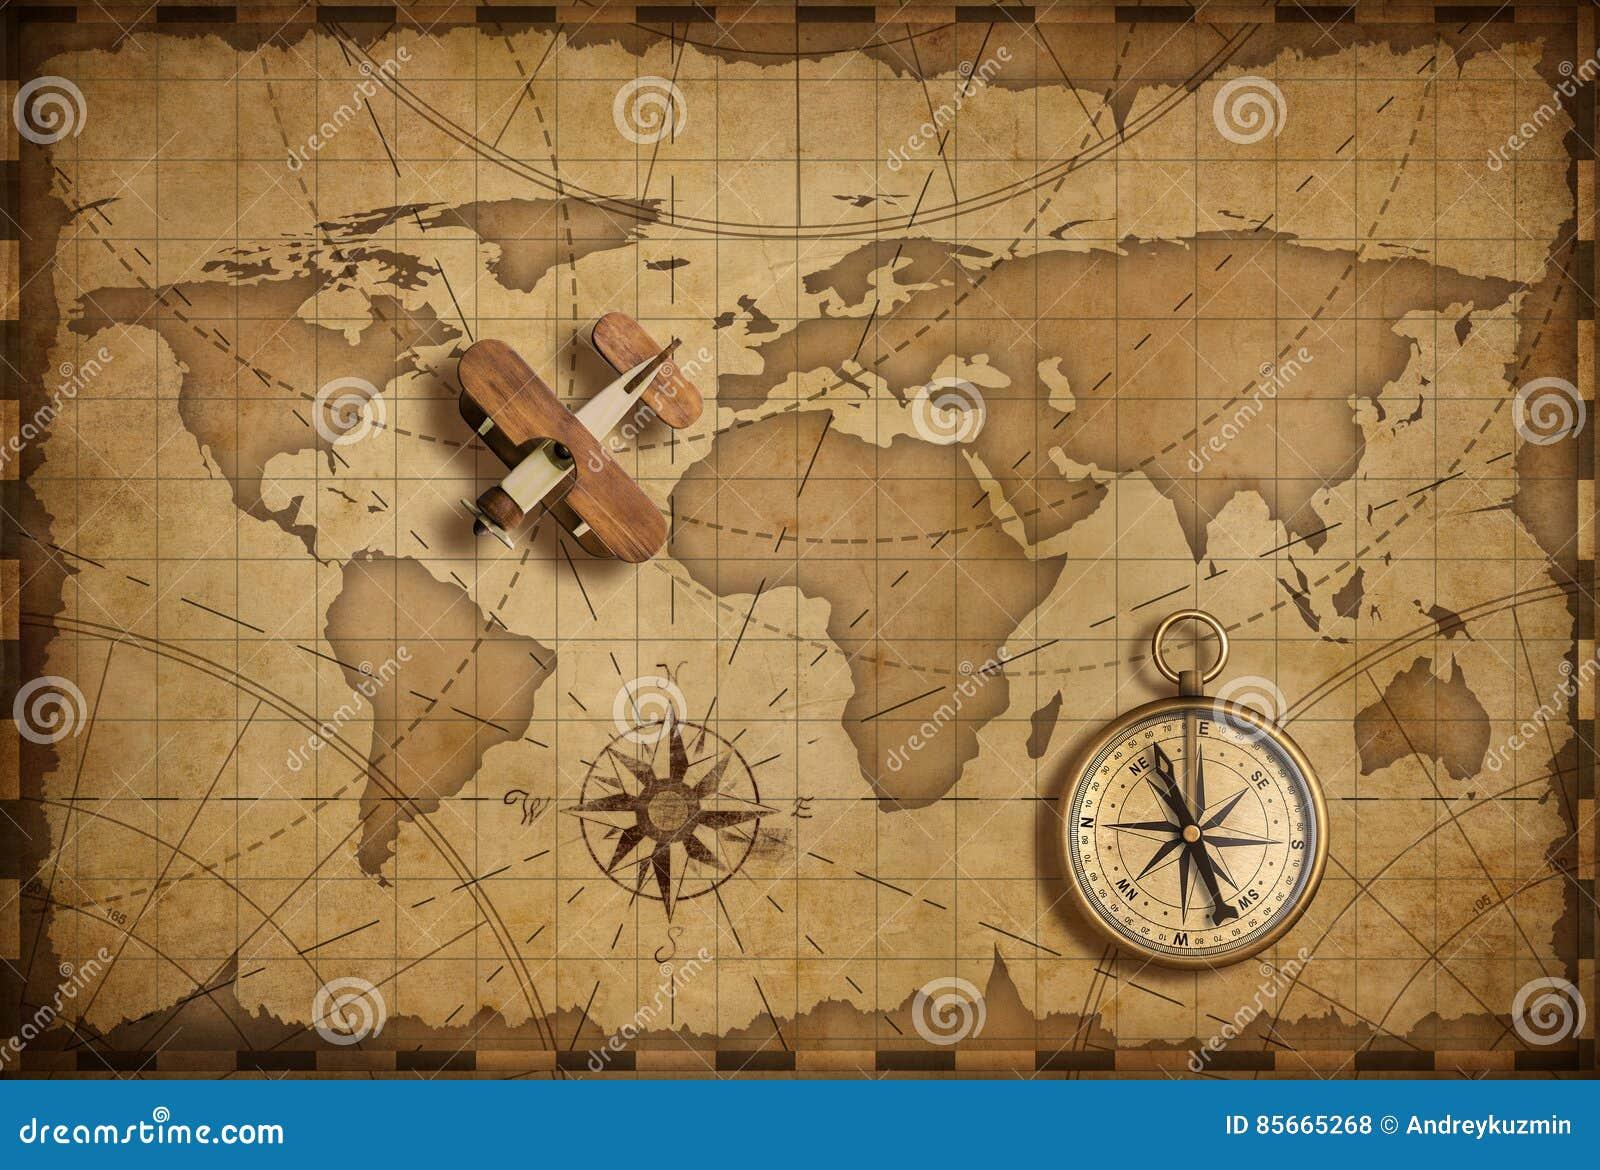 Pequeño aeroplano de madera sobre mapa náutico del mundo como concepto del viaje y de la comunicación